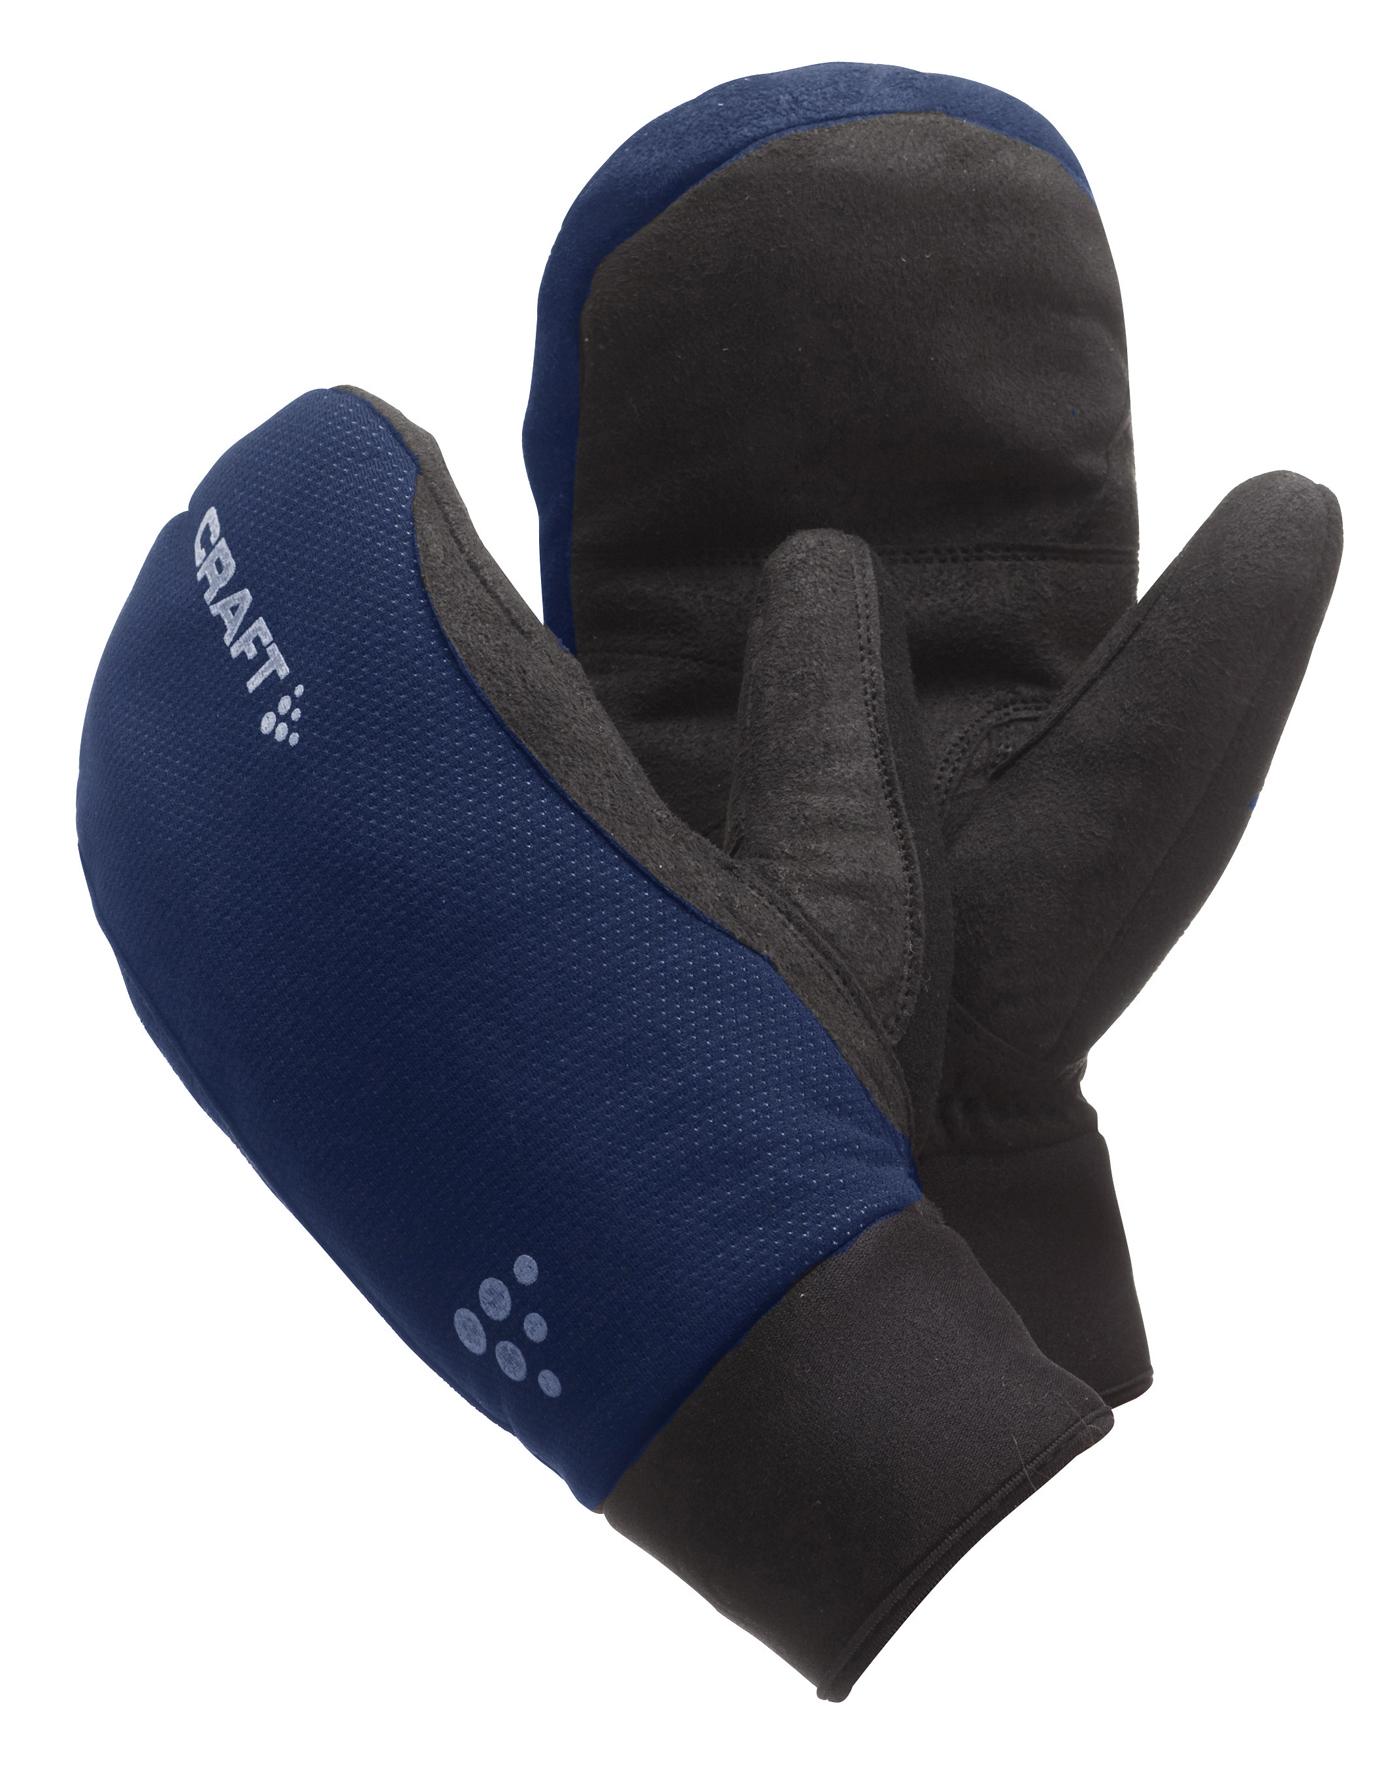 Варежки Craft Active сине-чёрные